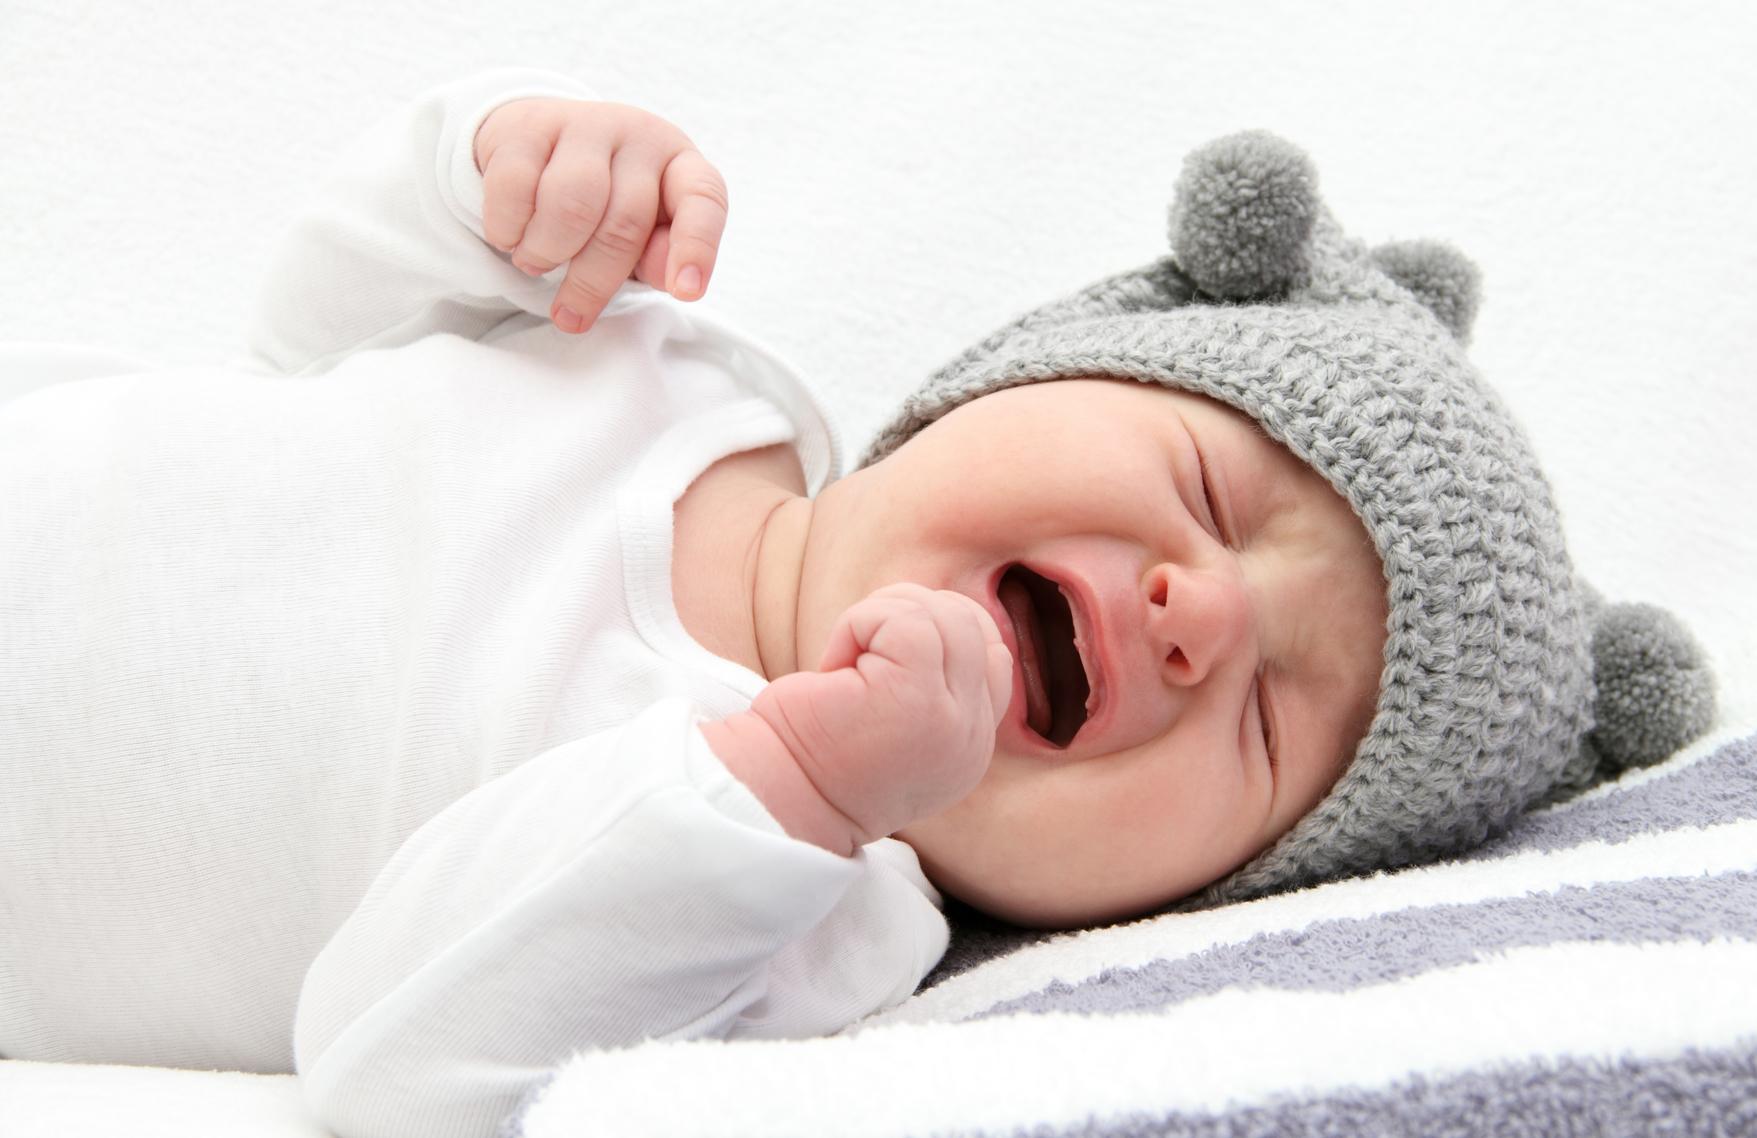 по: ребенок 4 месяца внезапно кричит во сне соответствии санитарным законодательством